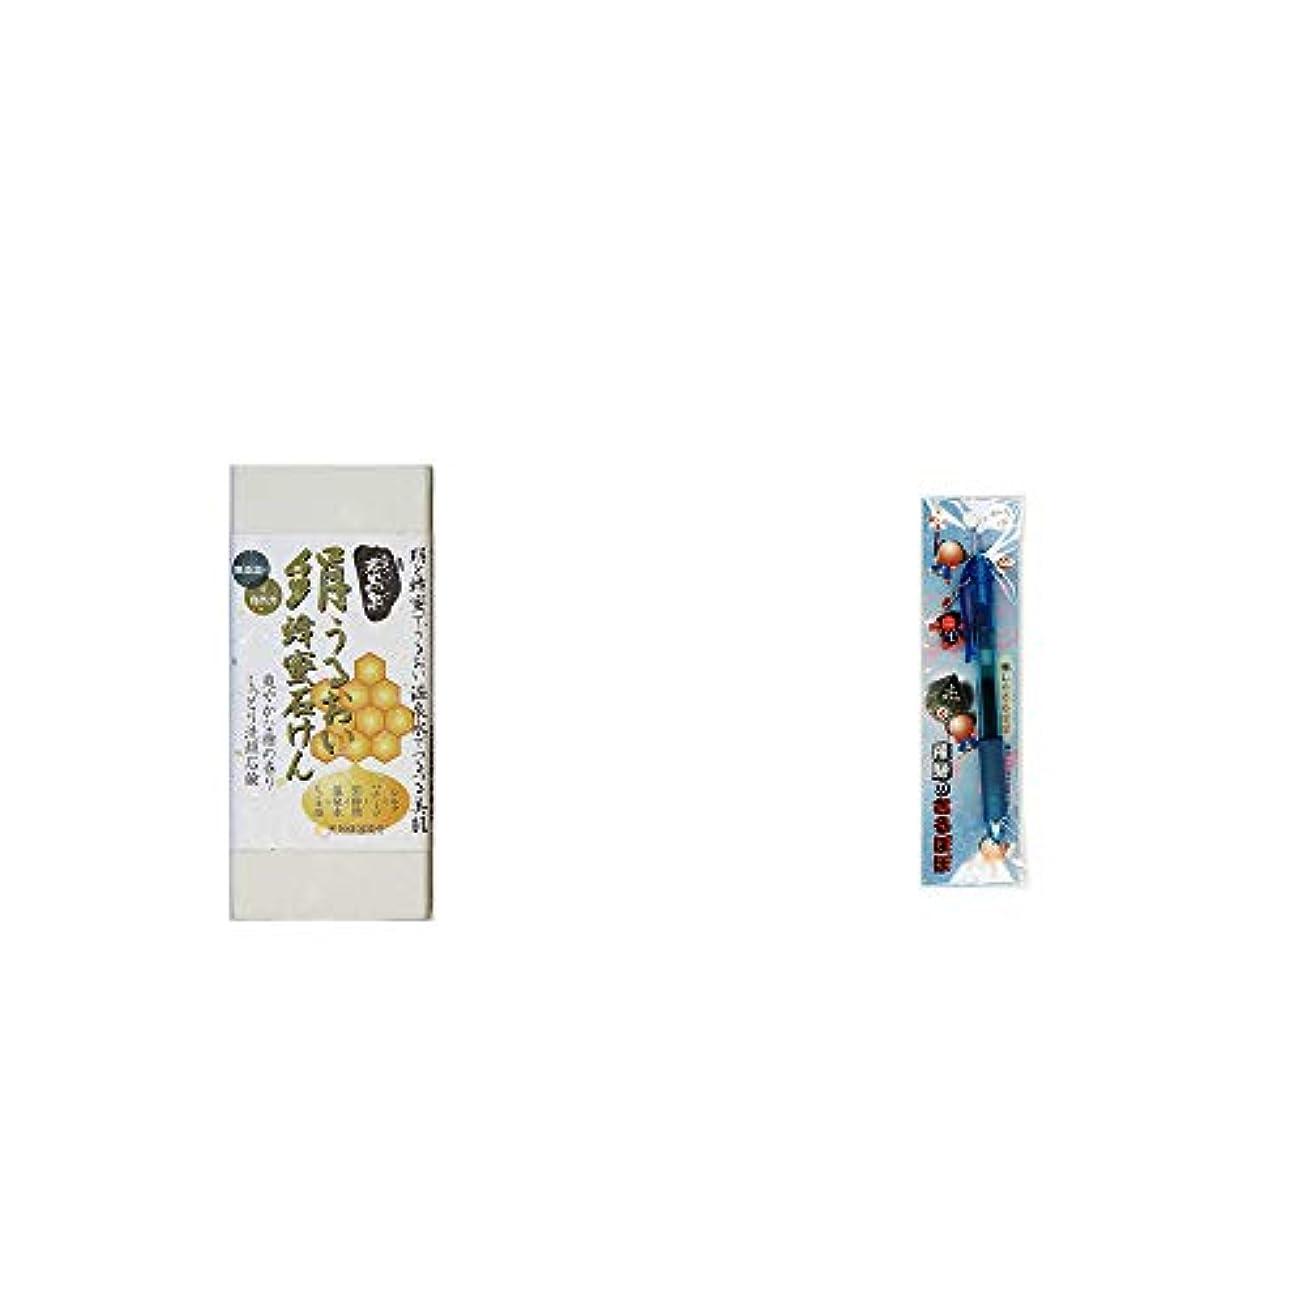 ミネラルワイン厳[2点セット] ひのき炭黒泉 絹うるおい蜂蜜石けん(75g×2)?さるぼぼ 癒しボールペン 【ブルー】